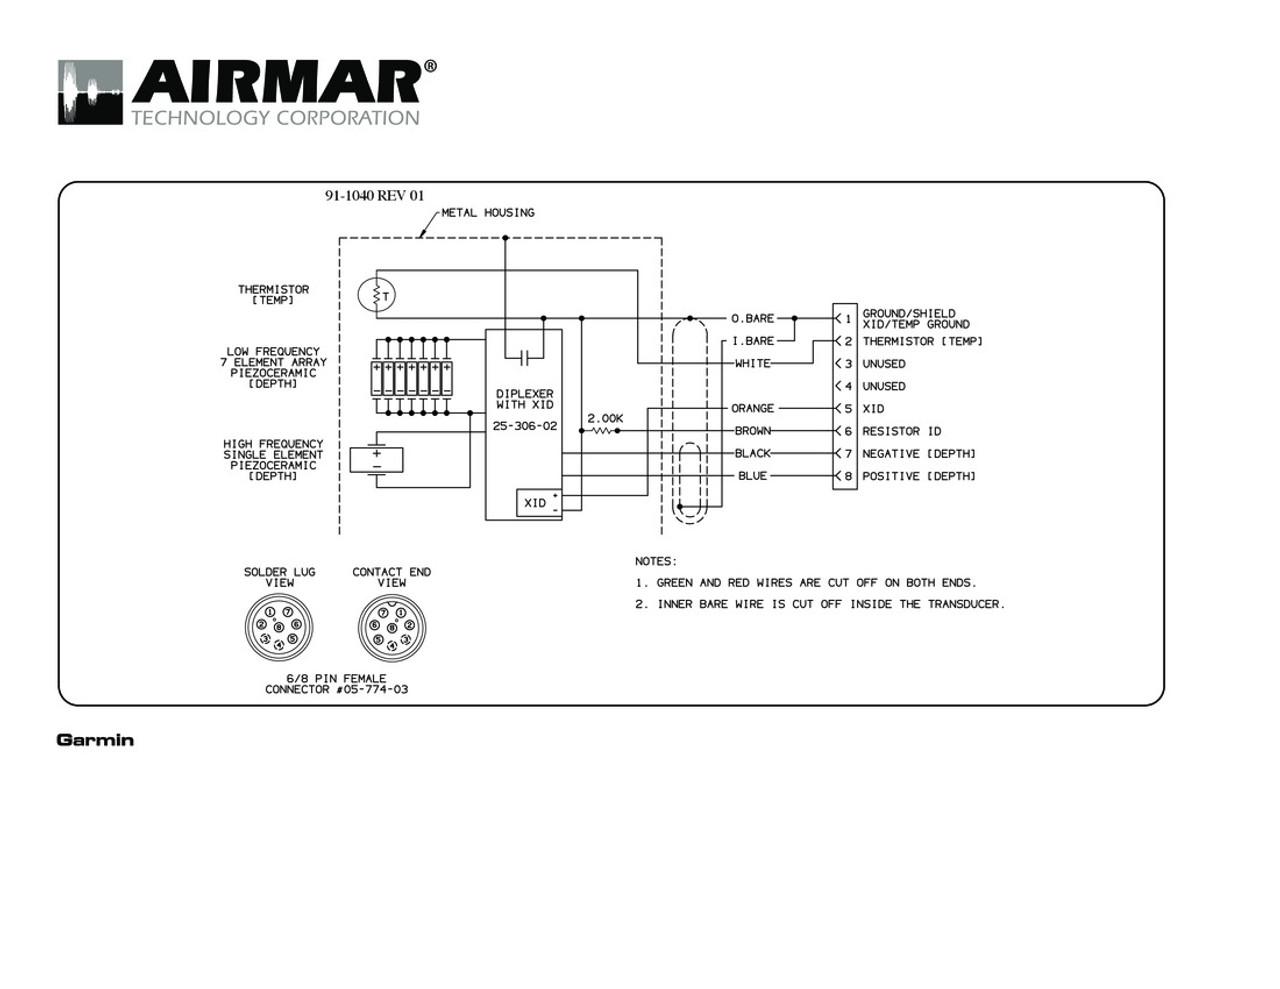 garmin 2006c wiring diagram wiring schematic